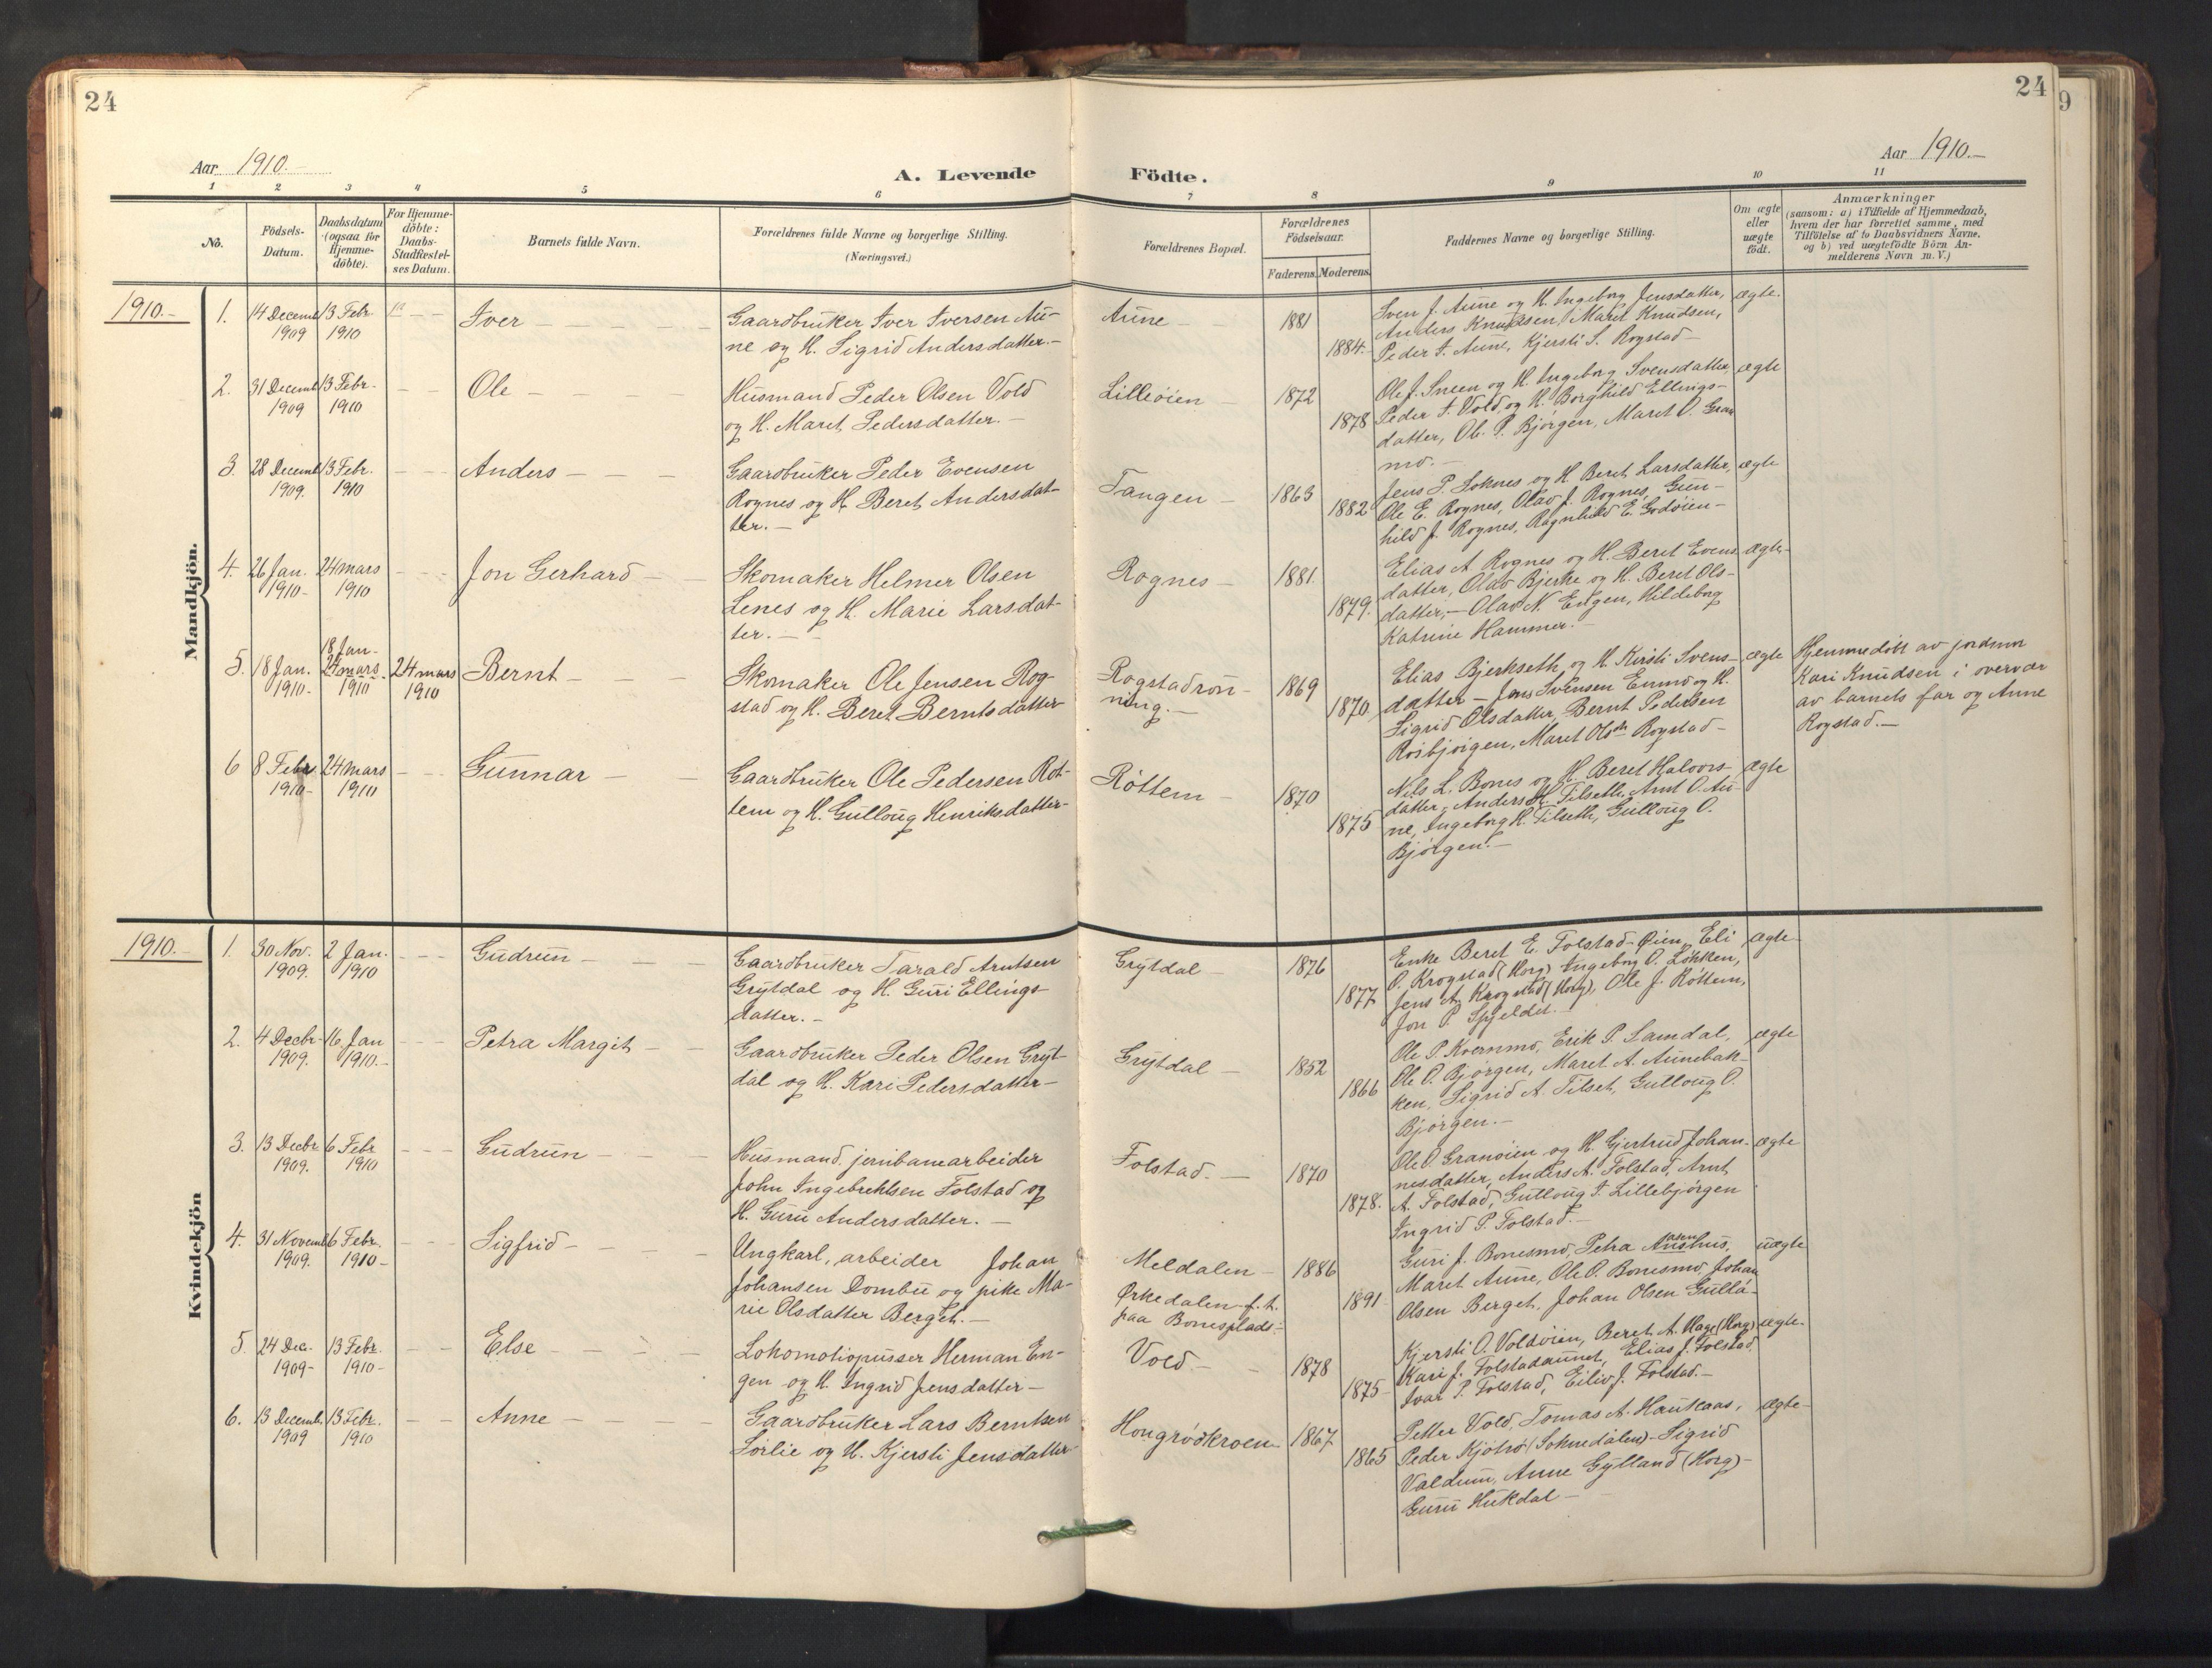 SAT, Ministerialprotokoller, klokkerbøker og fødselsregistre - Sør-Trøndelag, 687/L1019: Klokkerbok nr. 687C03, 1904-1931, s. 24